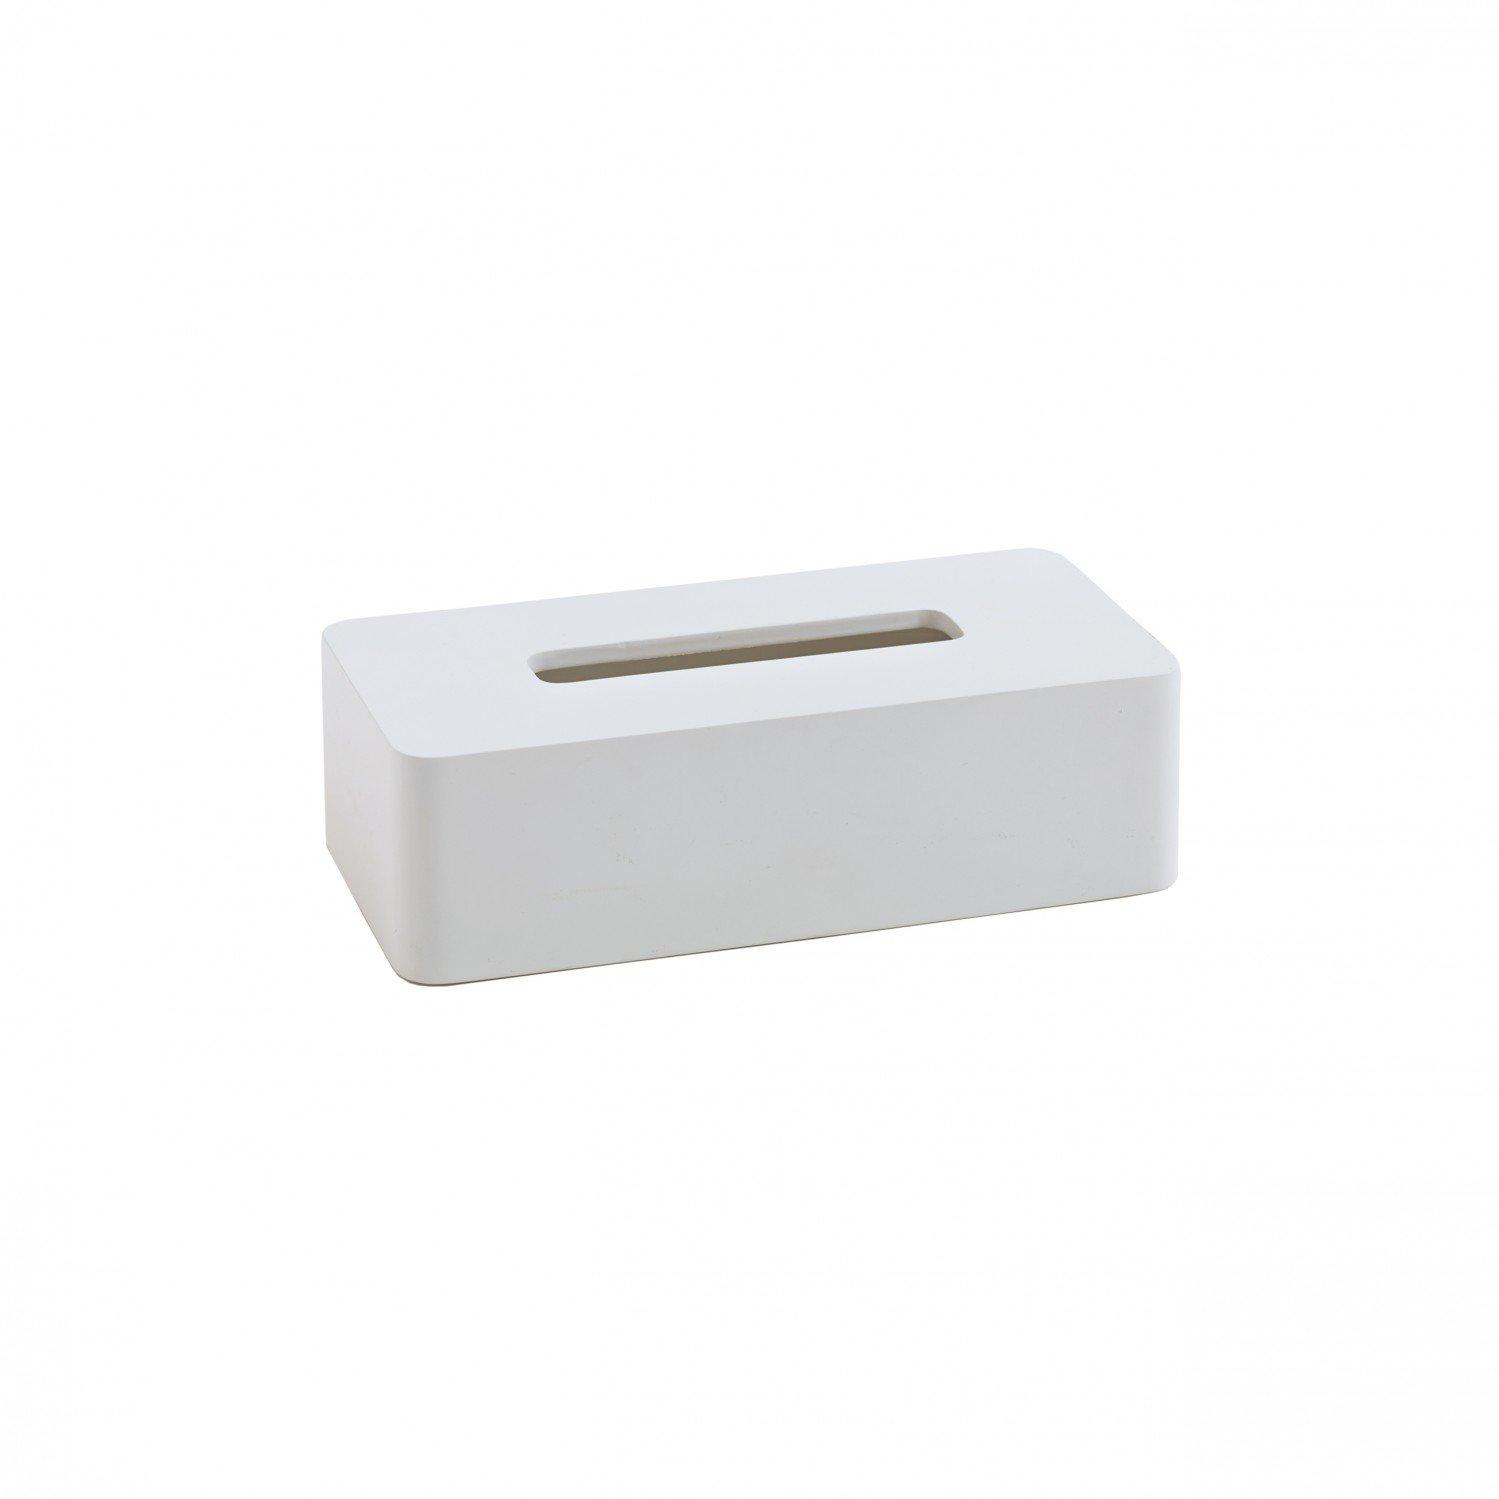 Betere Aquanova Ona Tissue Box White: Amazon.co.uk: Kitchen & Home OH-23